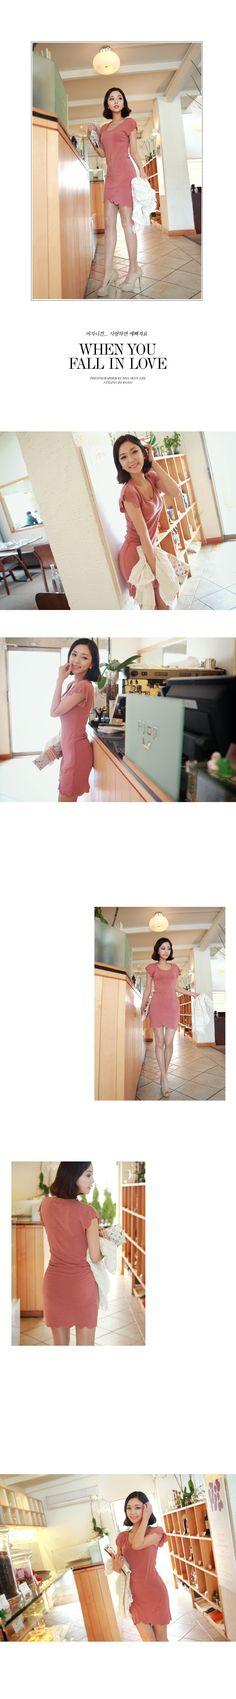 ❉优雅风❉圆领波边纯色直筒连衣裙 - c h u u : ) 韩国女装网店chuu中文官网, I know you want to kiss me♥